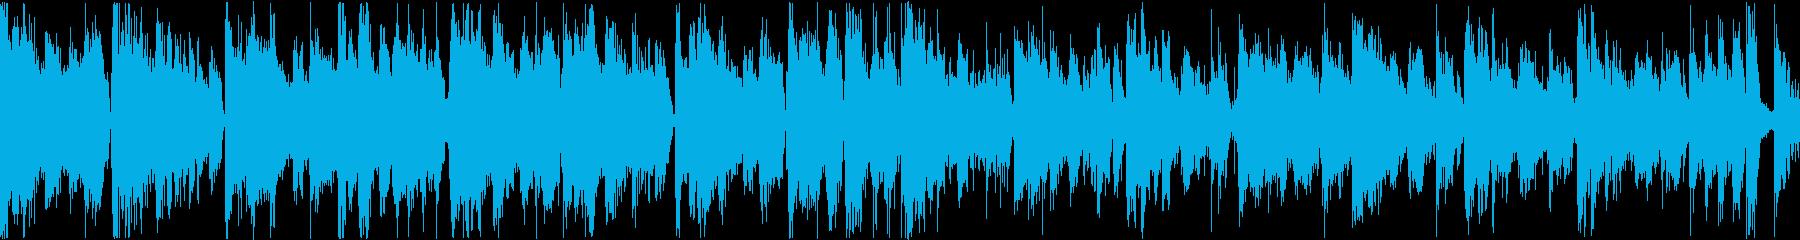 大人の雰囲気漂う滑らかなメロディの再生済みの波形